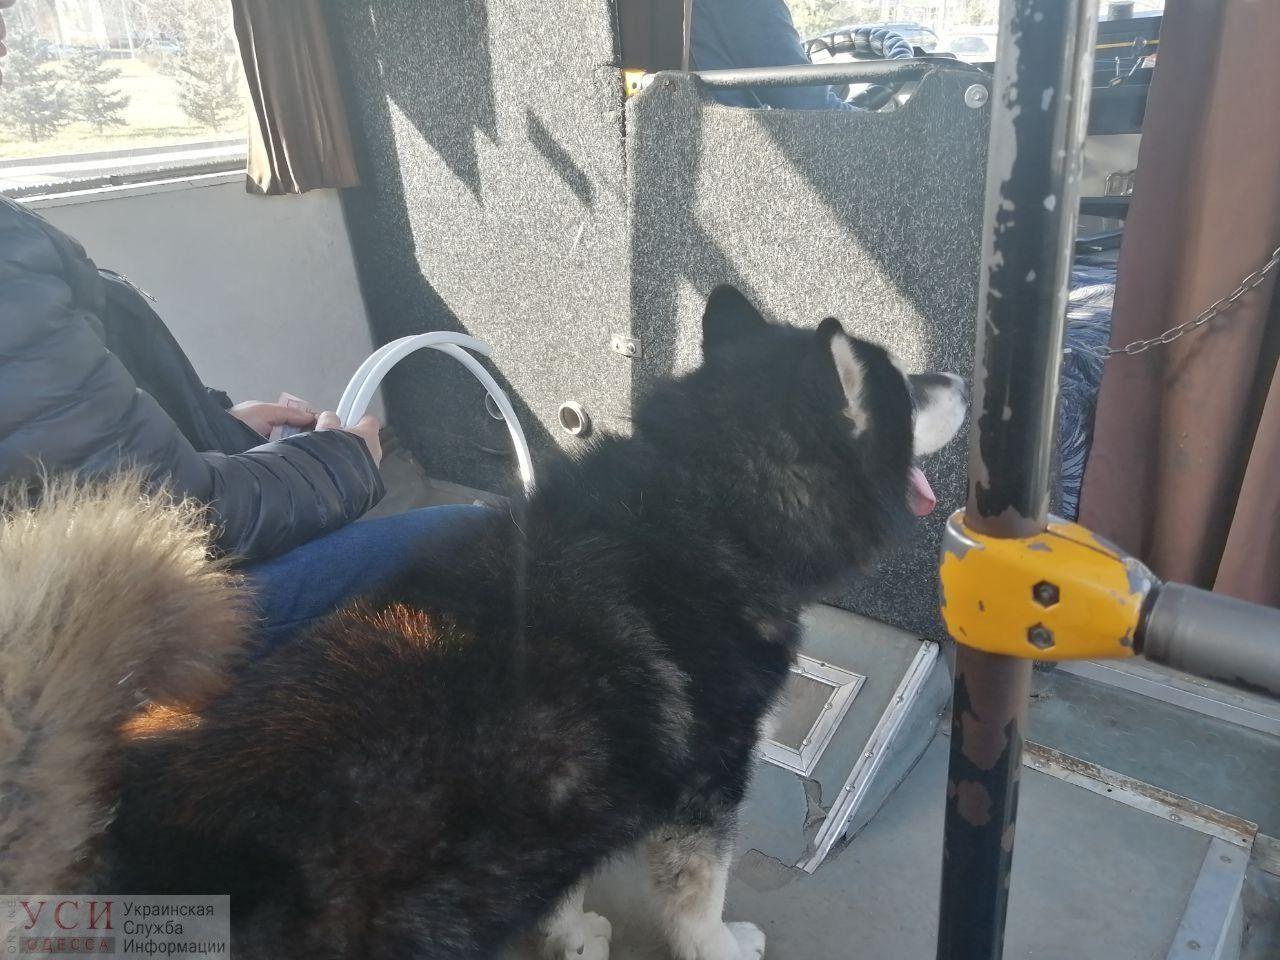 Одеський пес два місяці шукав господаря в маршрутках